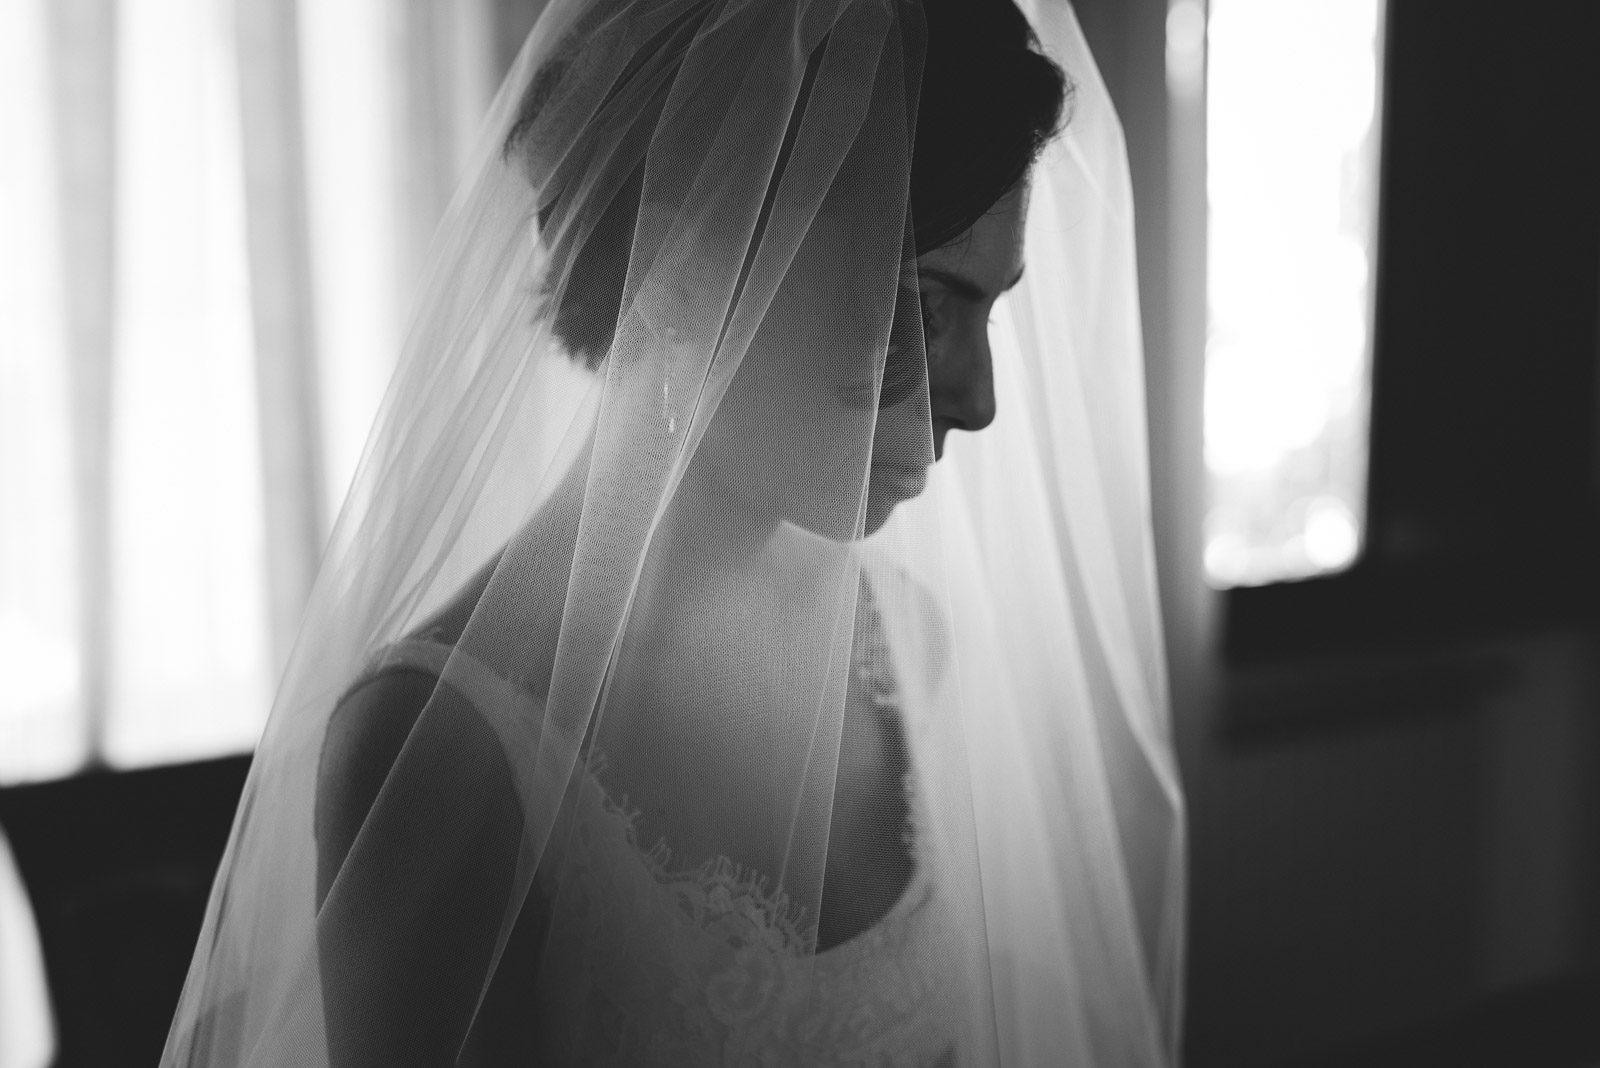 dettaglio velo di sposa